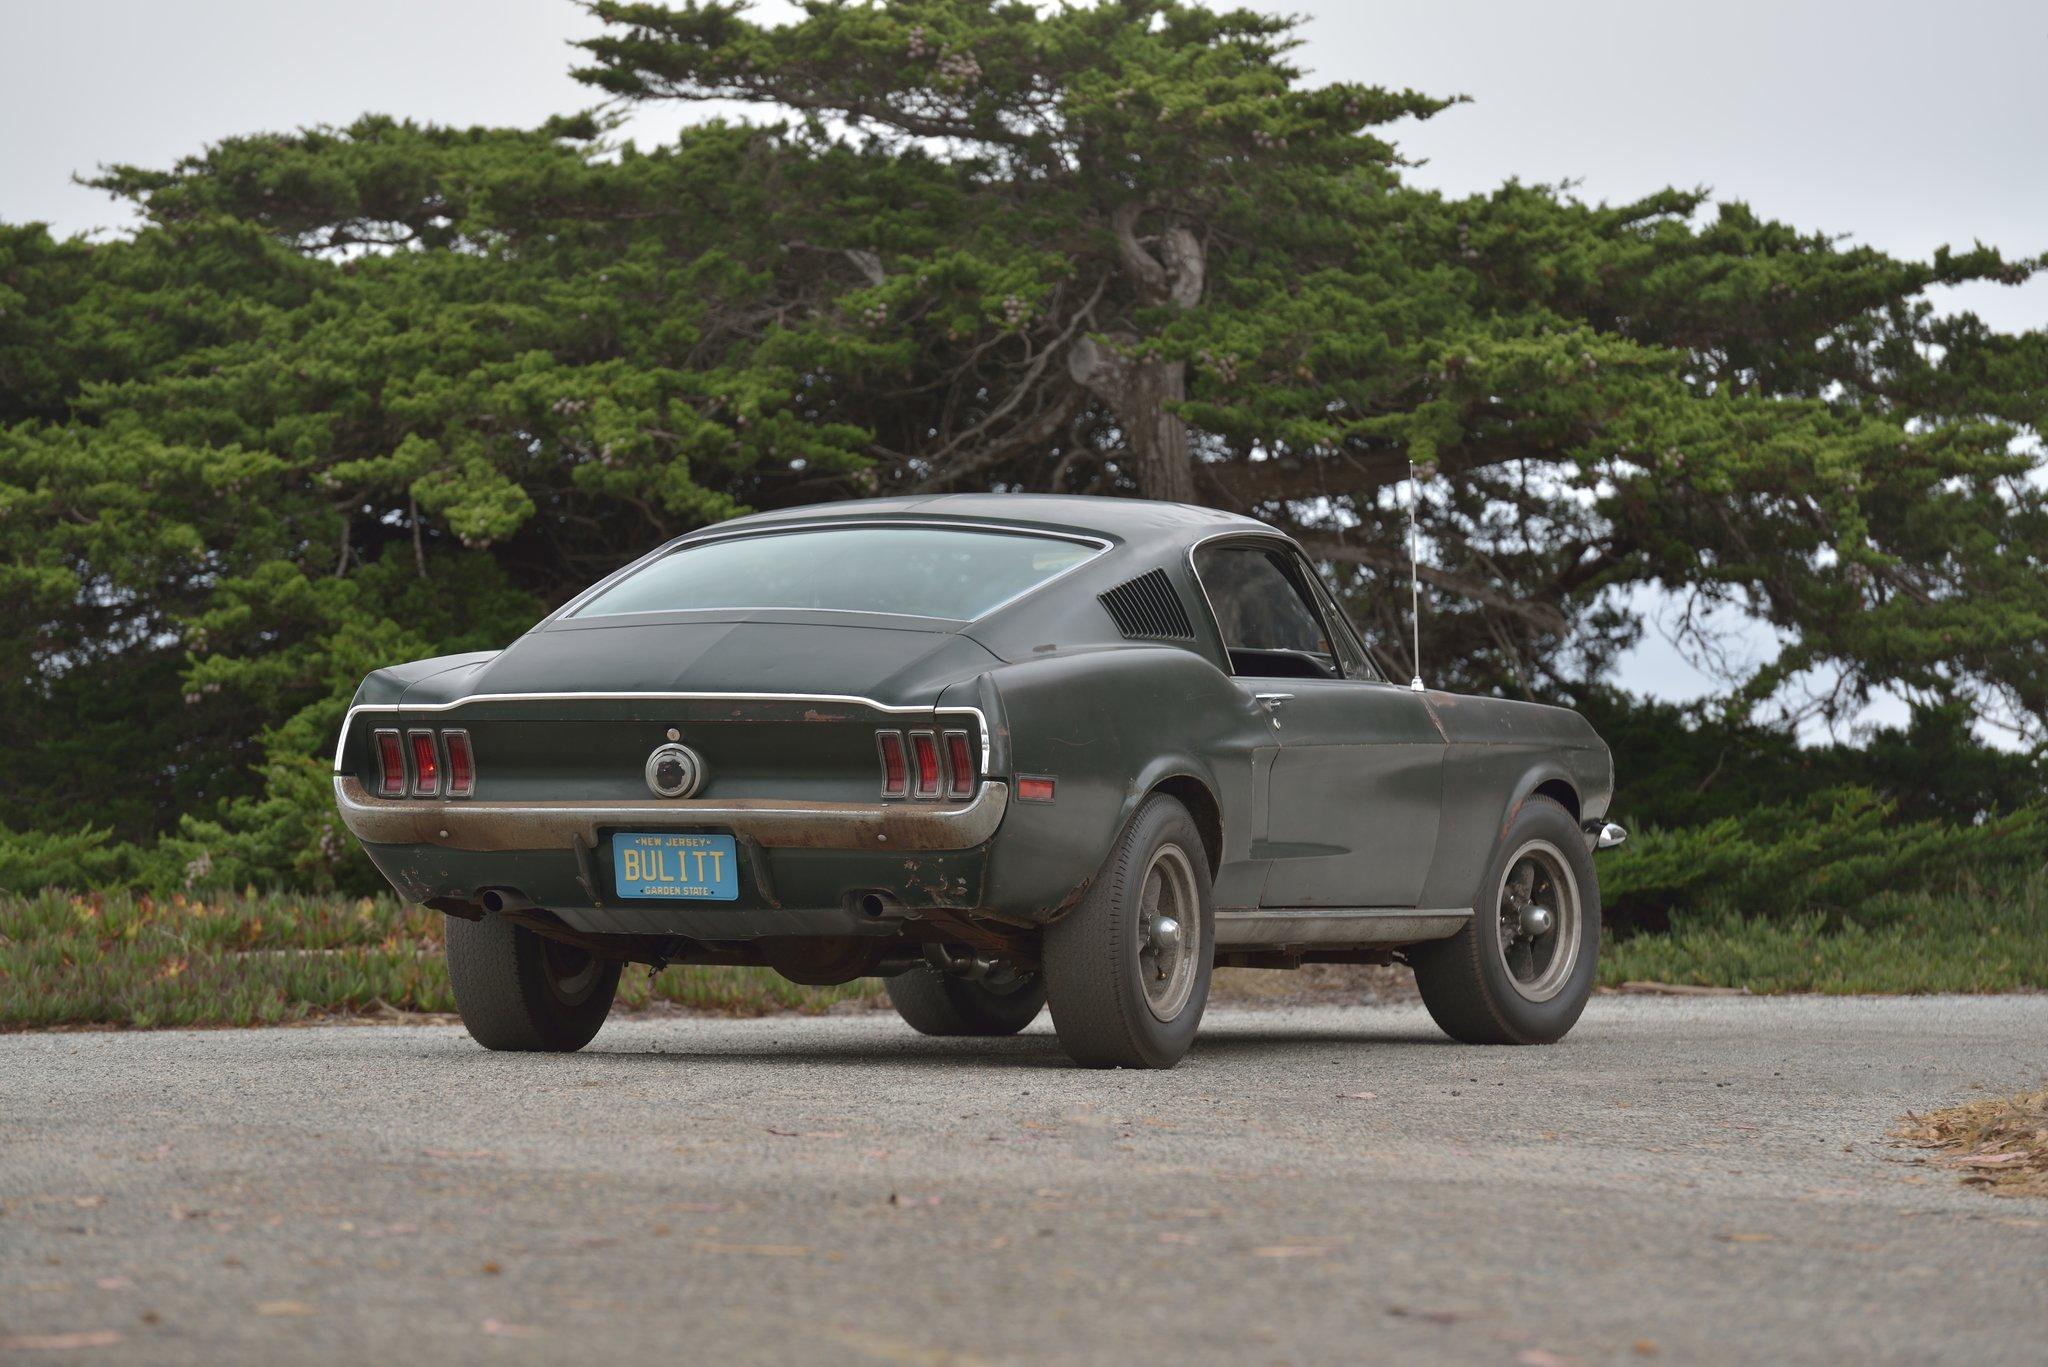 1968 Bullitt Mustang For Sale